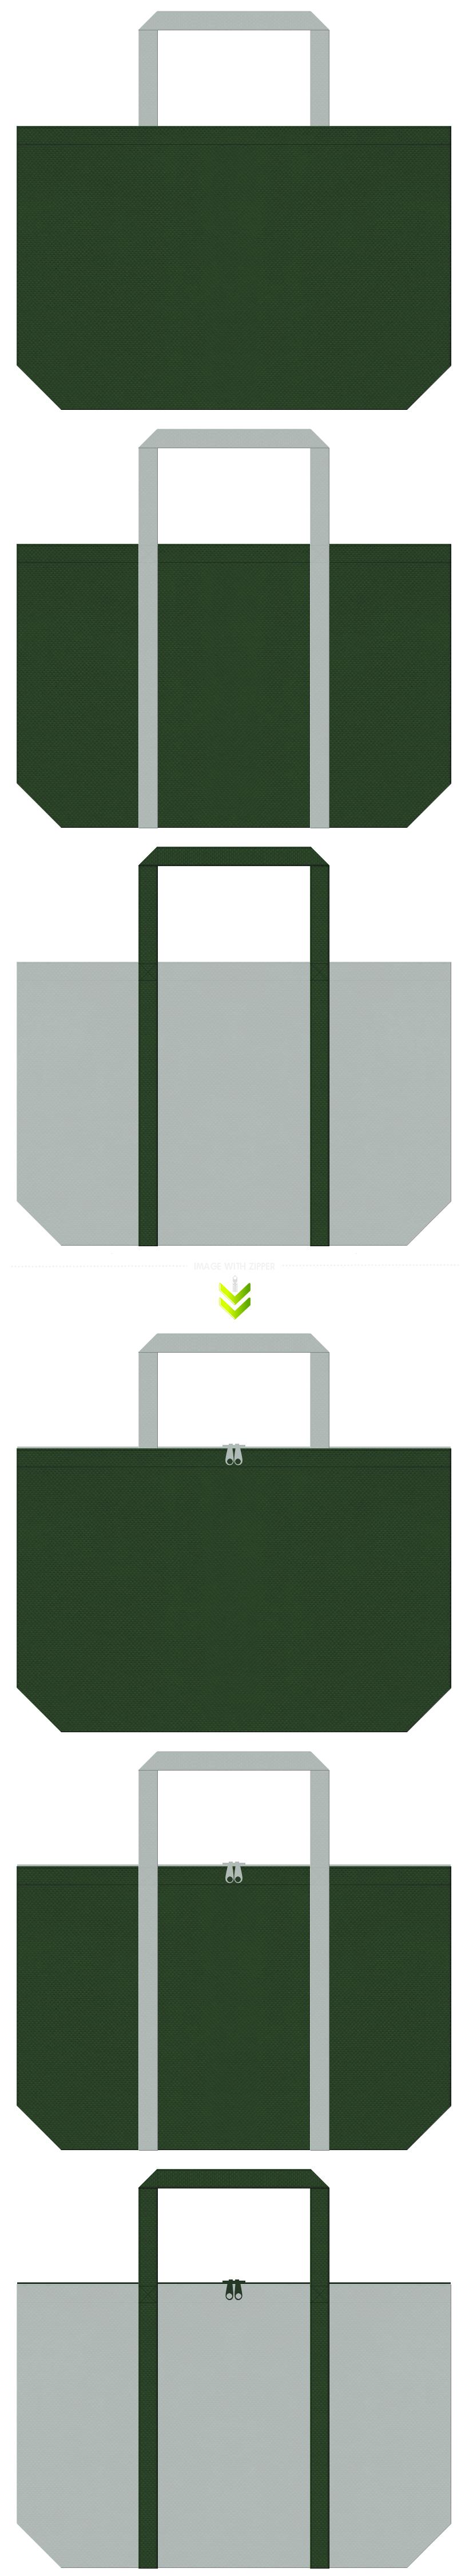 濃緑色とグレー色の不織布エコバッグのデザイン。